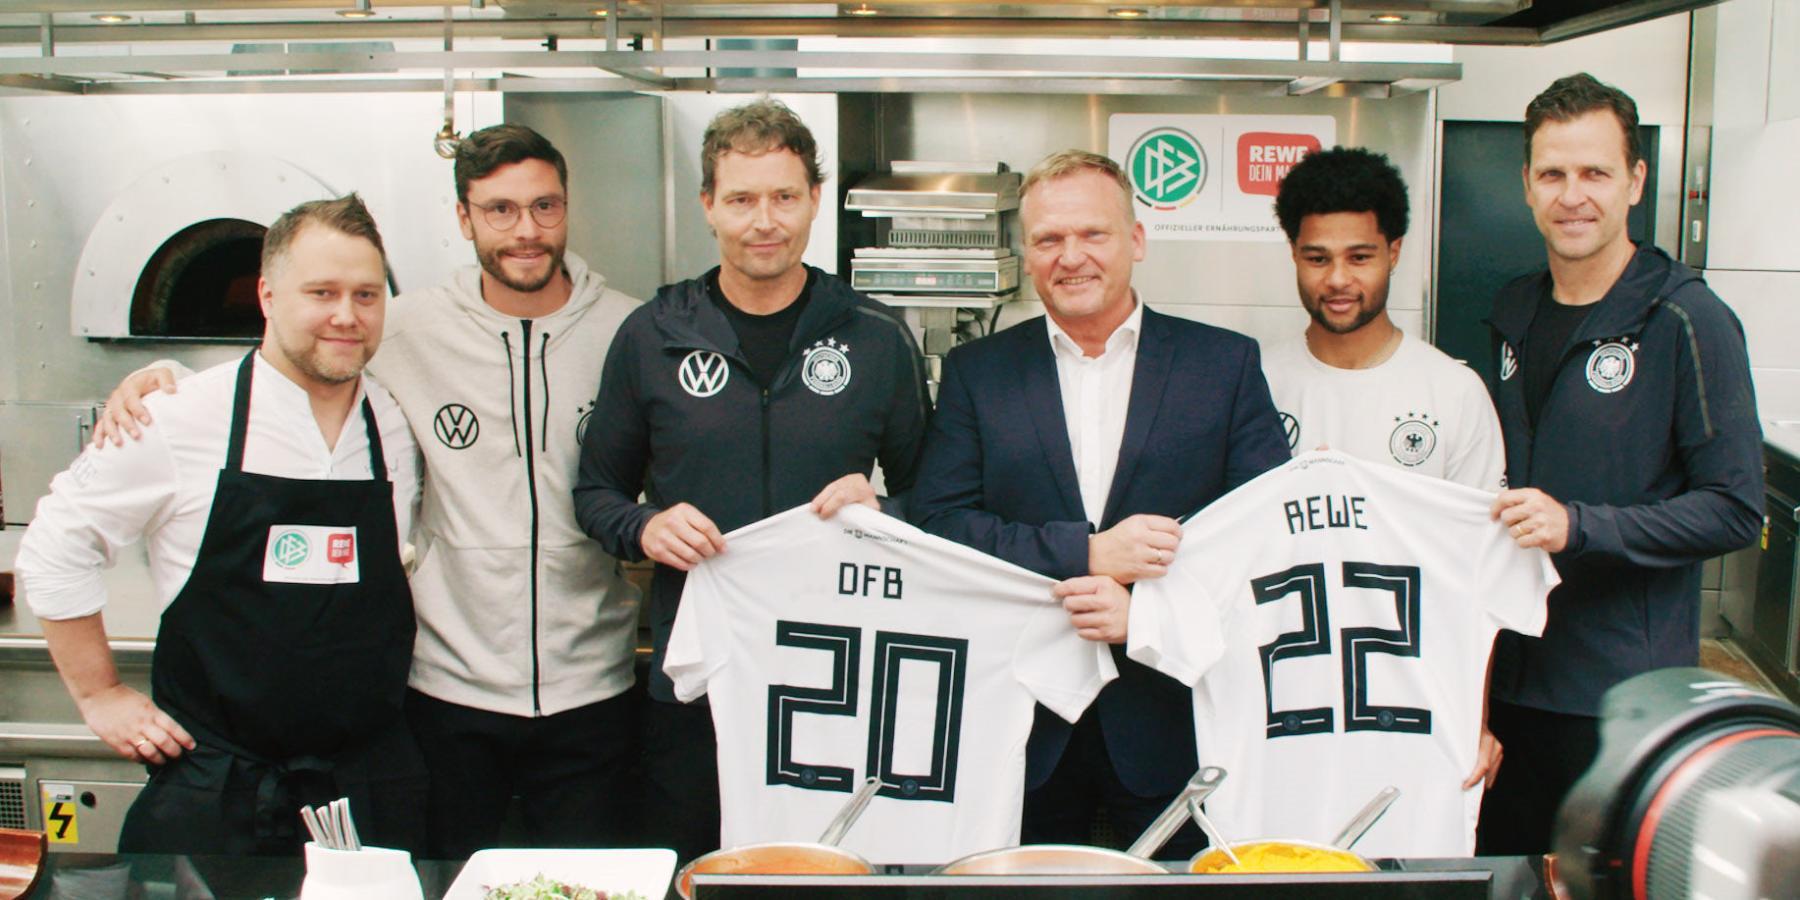 REWE und DFB fördern gesunde Ernährung im deutschen Fußball